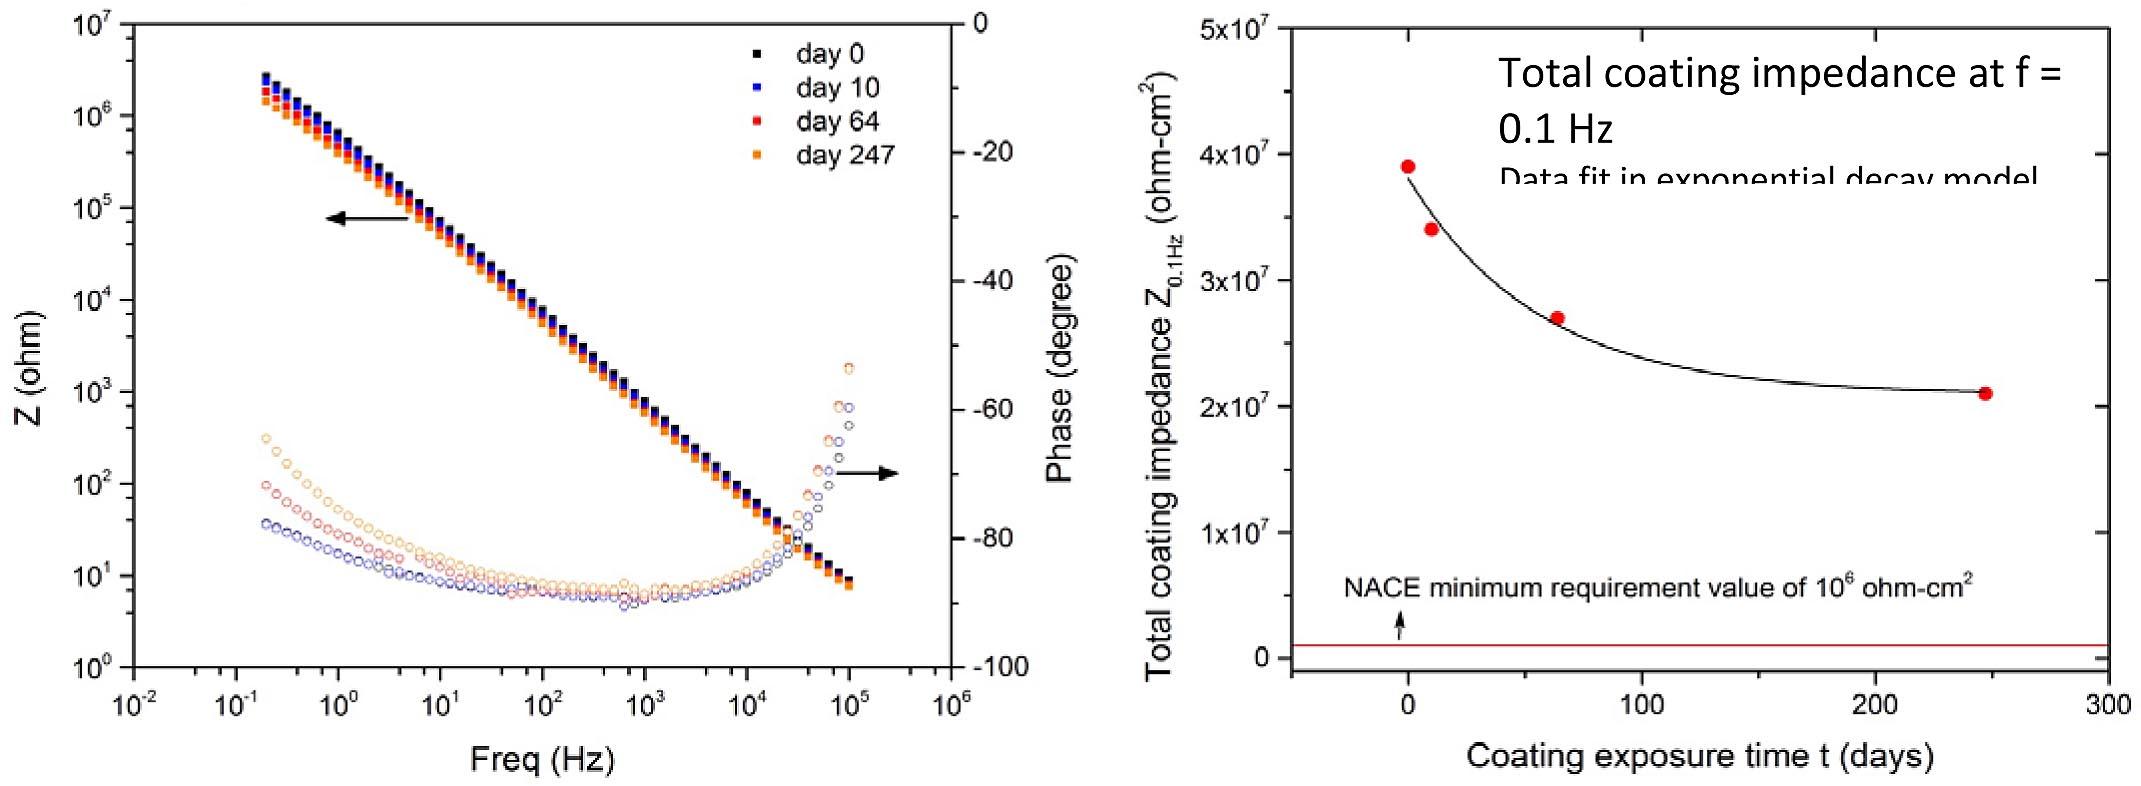 Salt spray EIS Data.jpg